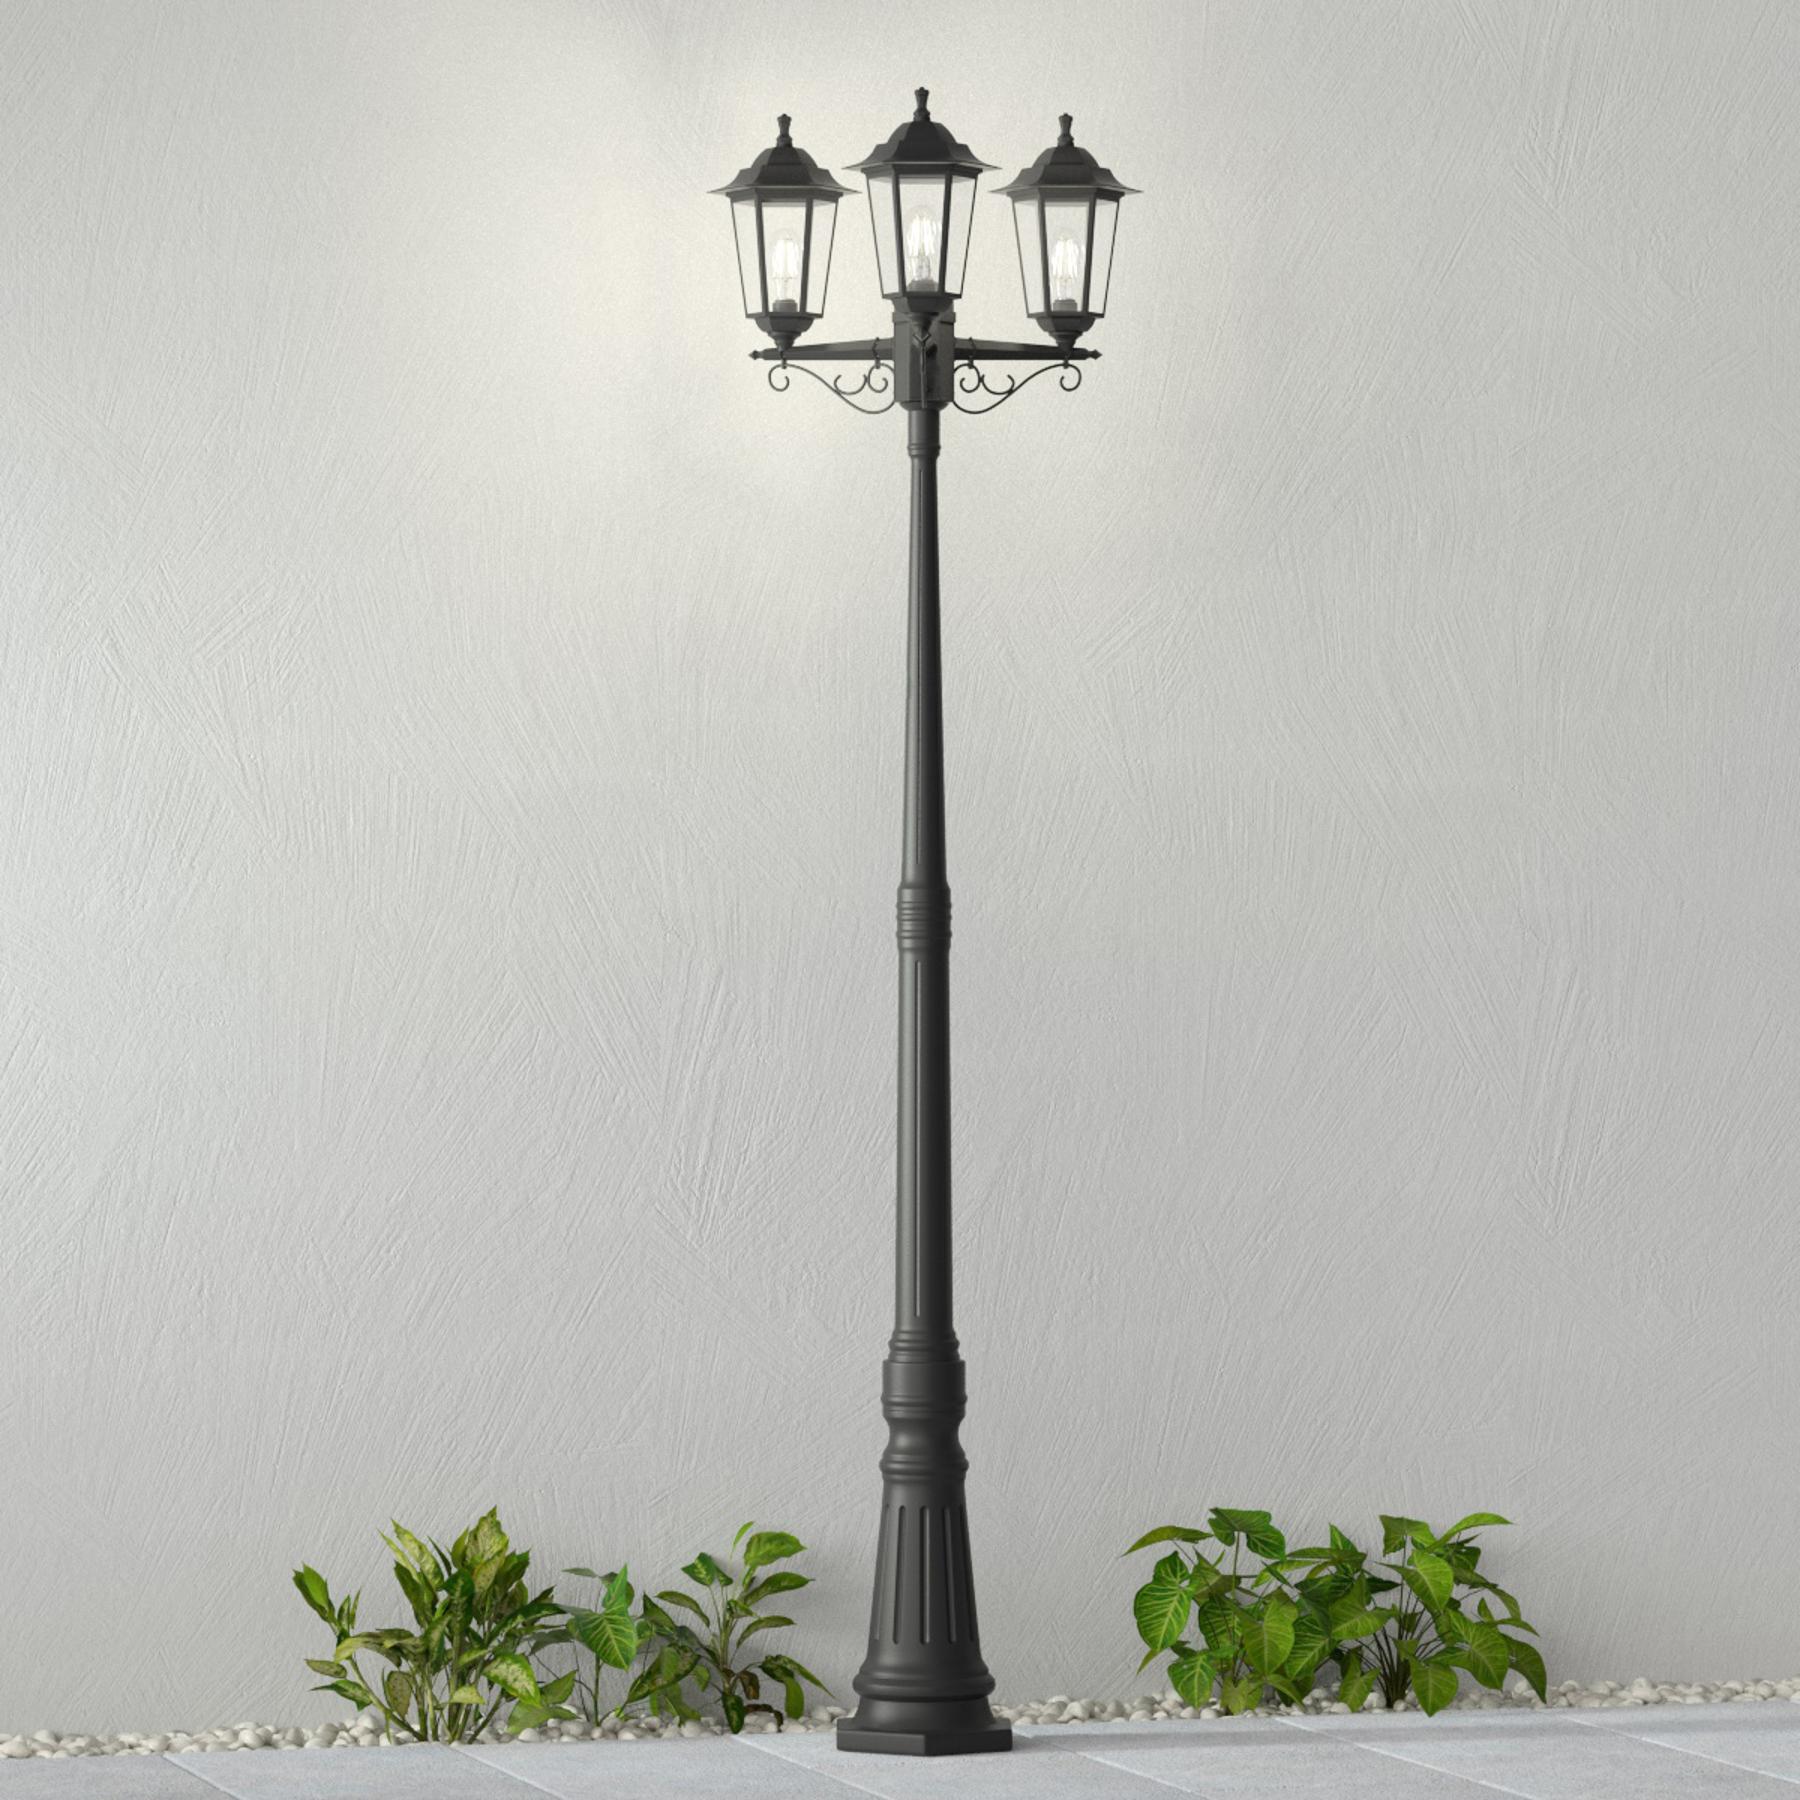 Ulkotolppavalaisin Nane, lyhdyn muoto 3-lamppuinen